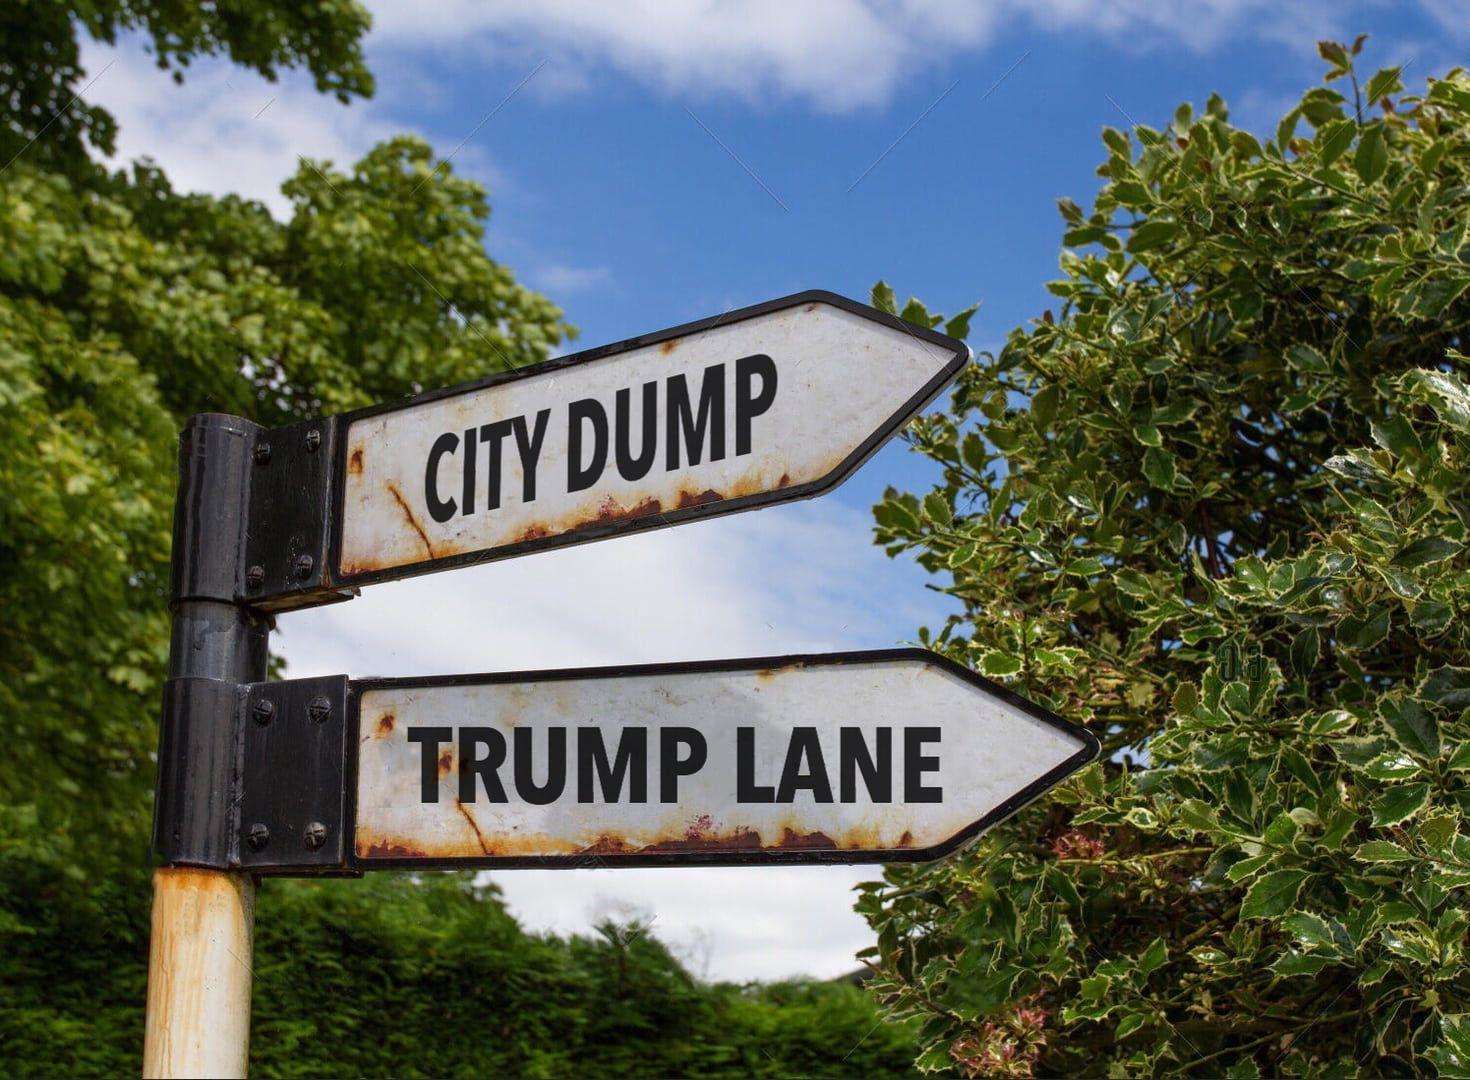 Memeatorium image by Beo Bachter Trump, Dump trump